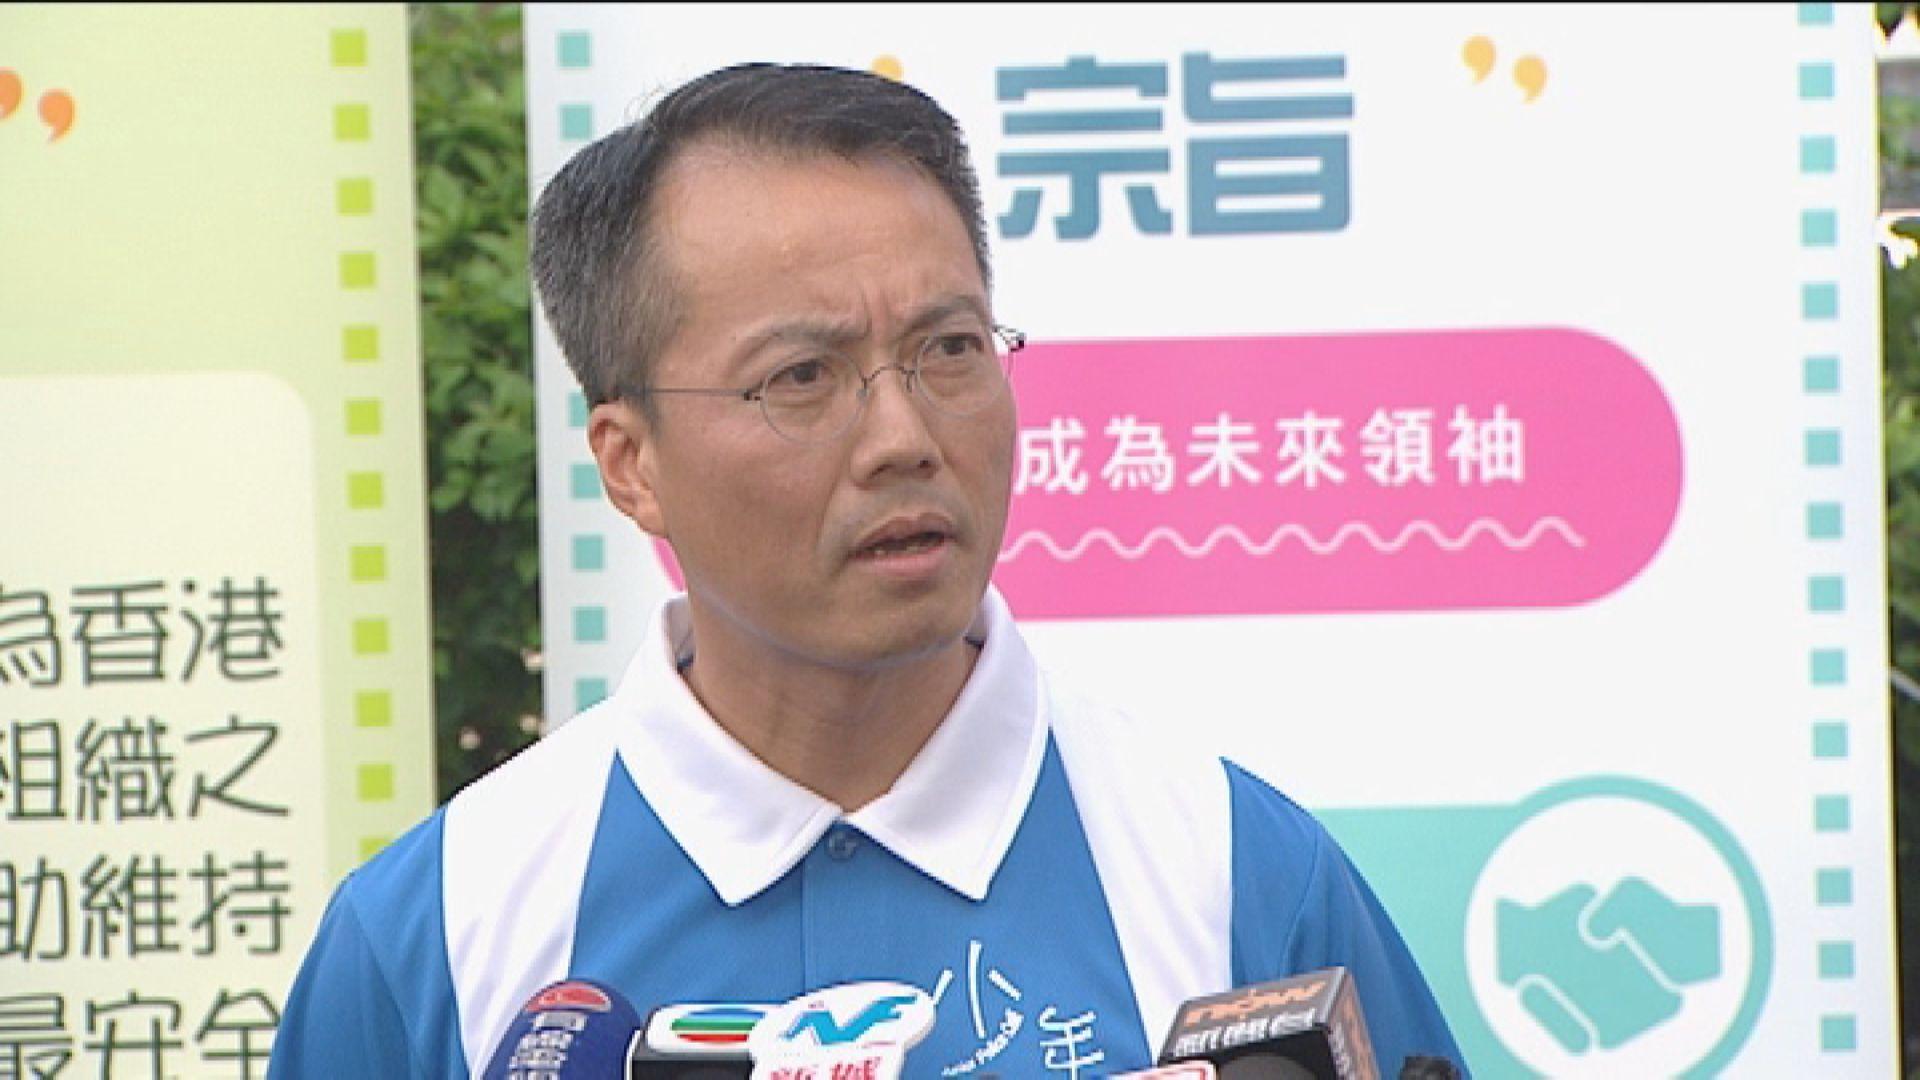 劉業成向警隊發內部信 指香港頂住全賴警隊